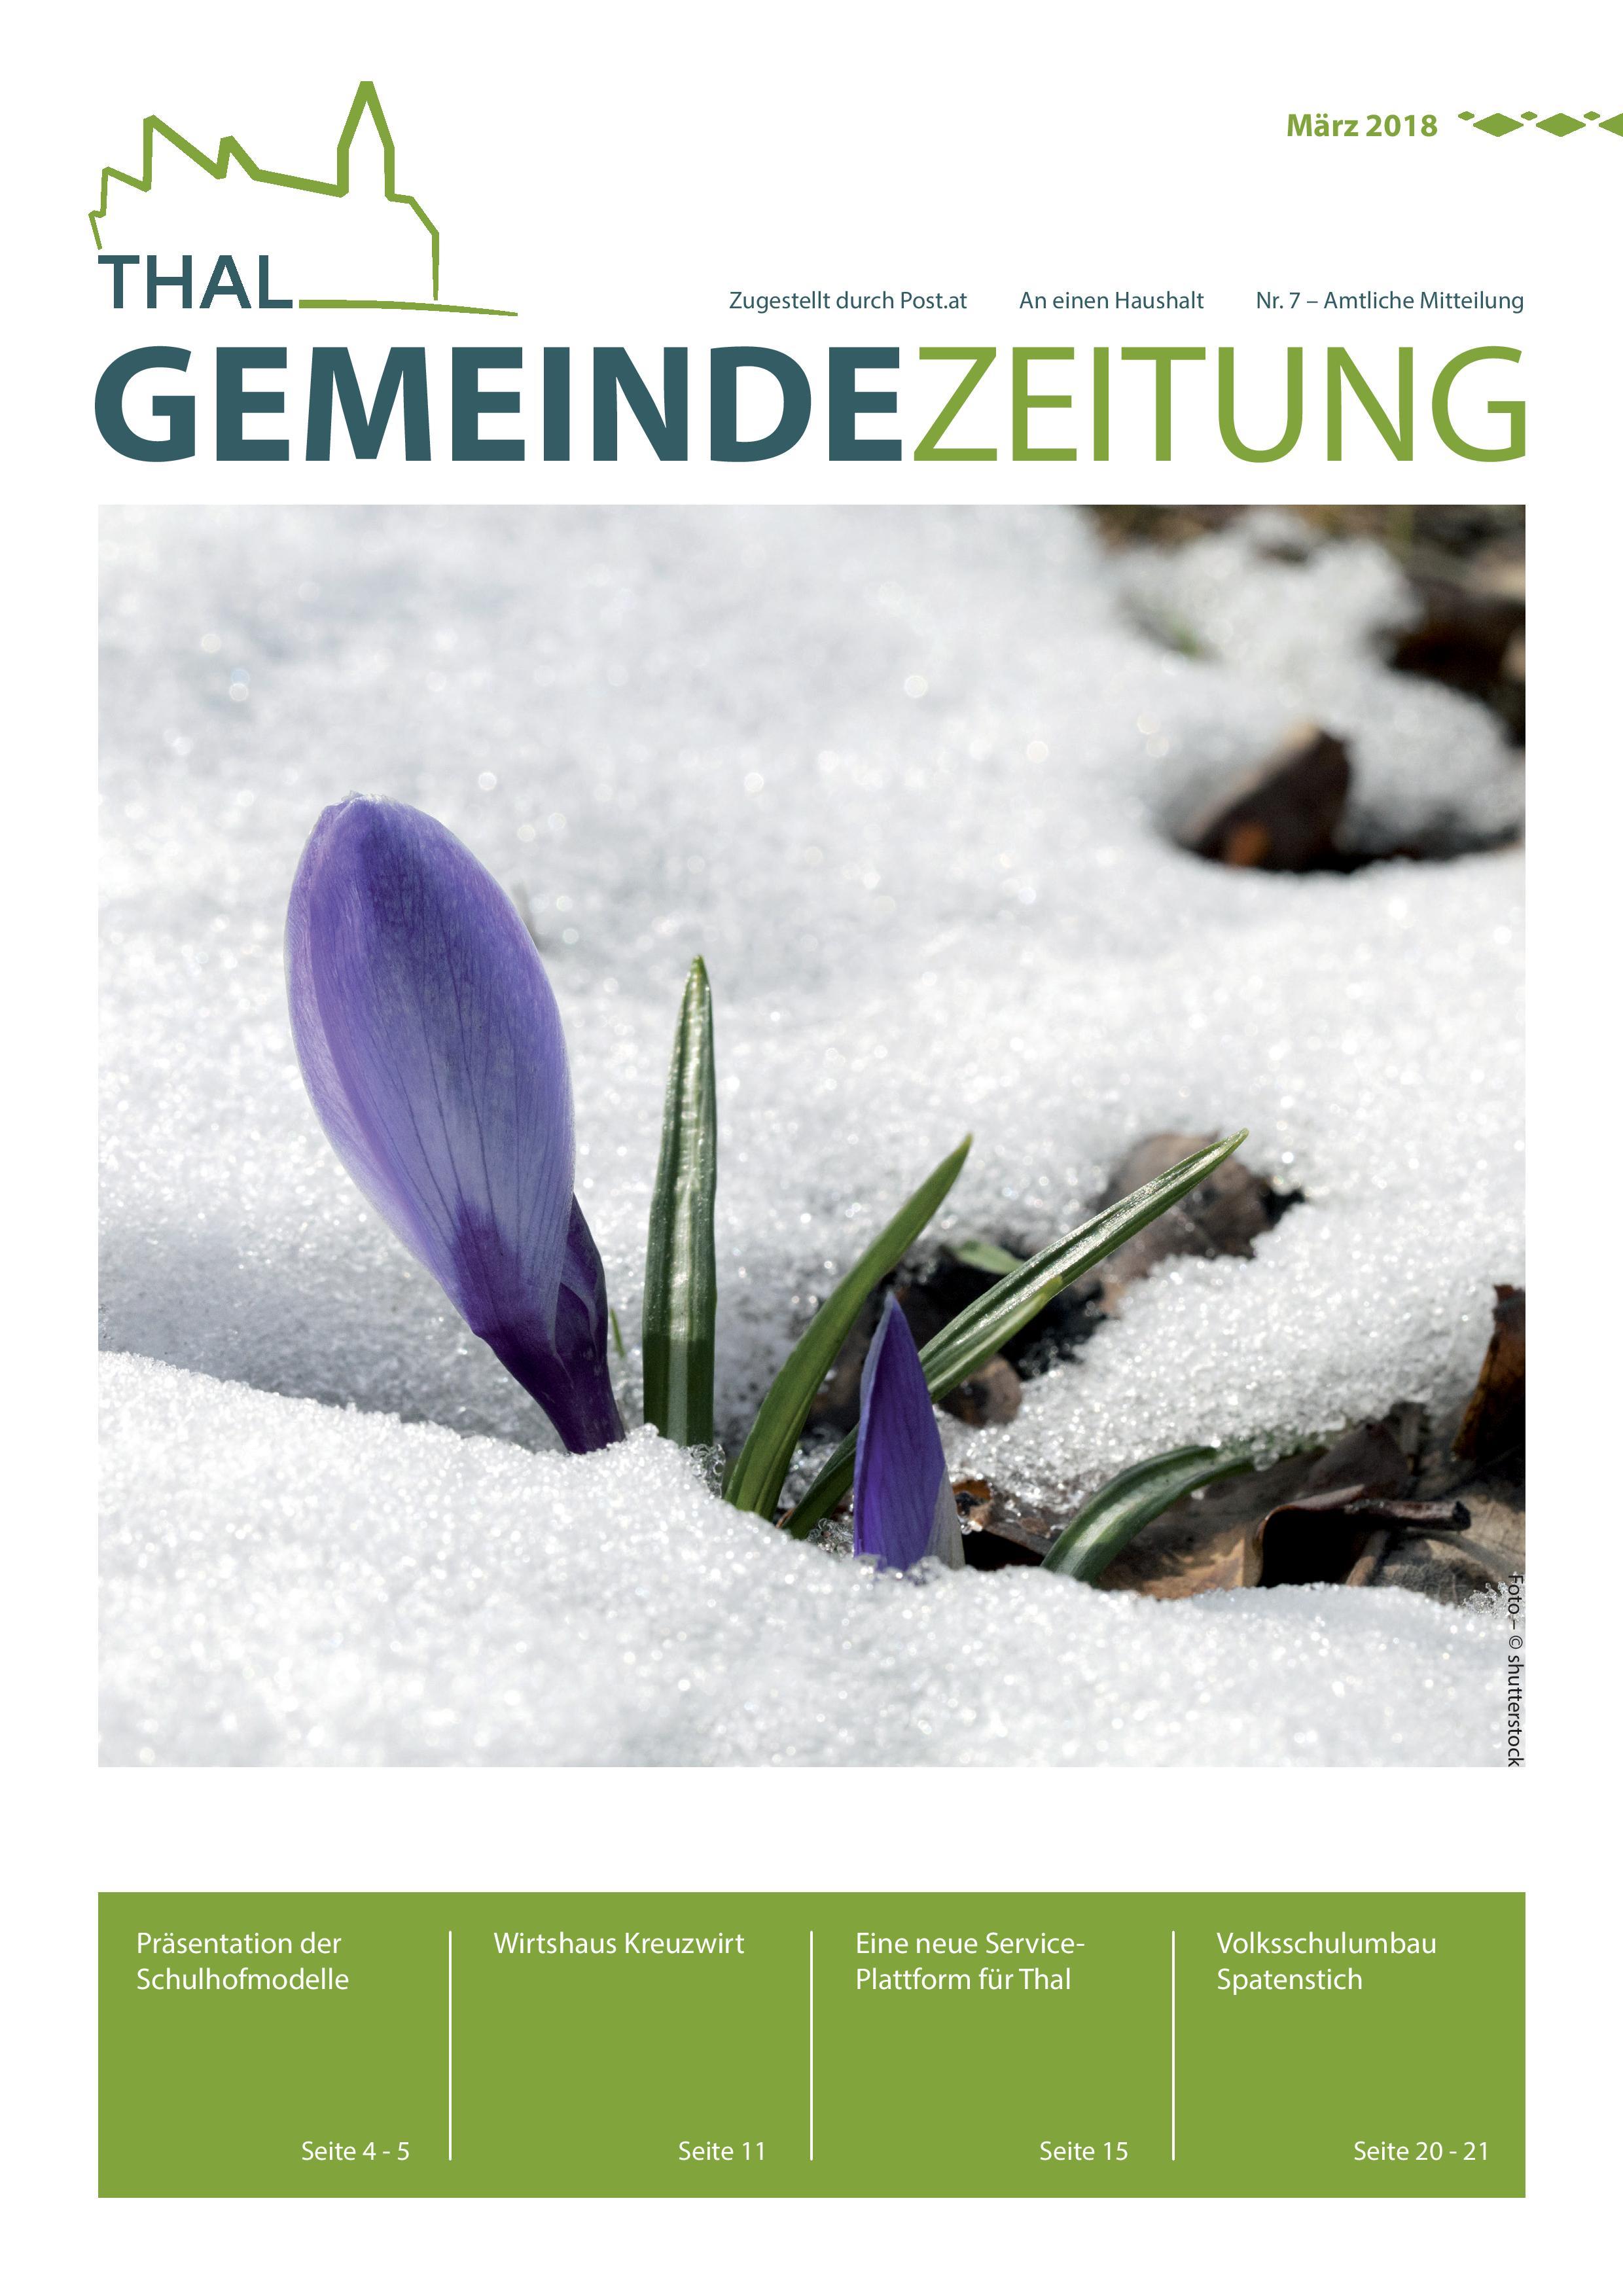 Gemeindezeitung Nr. 7 - März 2018-page-001